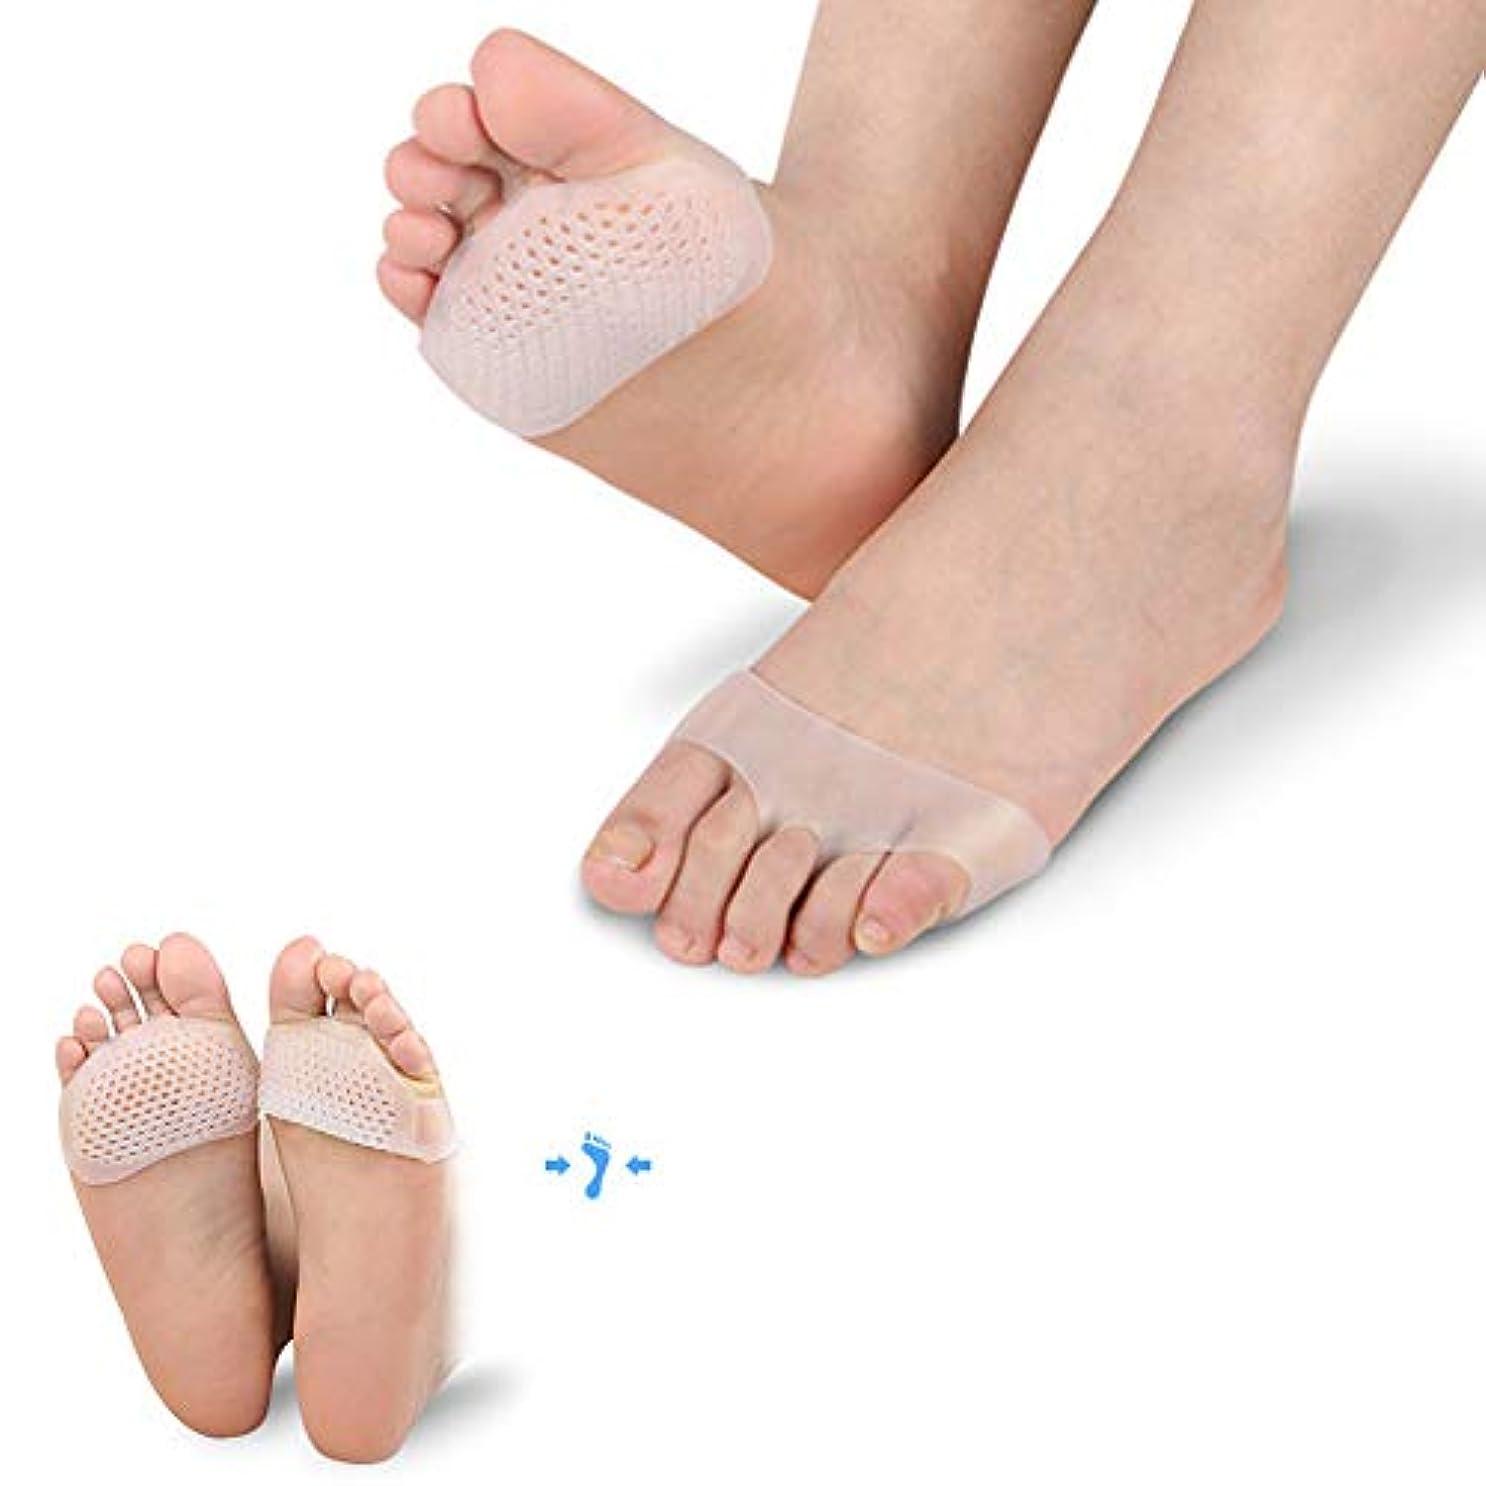 はさみパターンリー5ペアシリコンつま先セパレータ痛み緩和クッションソフトジェルインソール前足パッド見えない靴スリップ耐性インソールフットケア